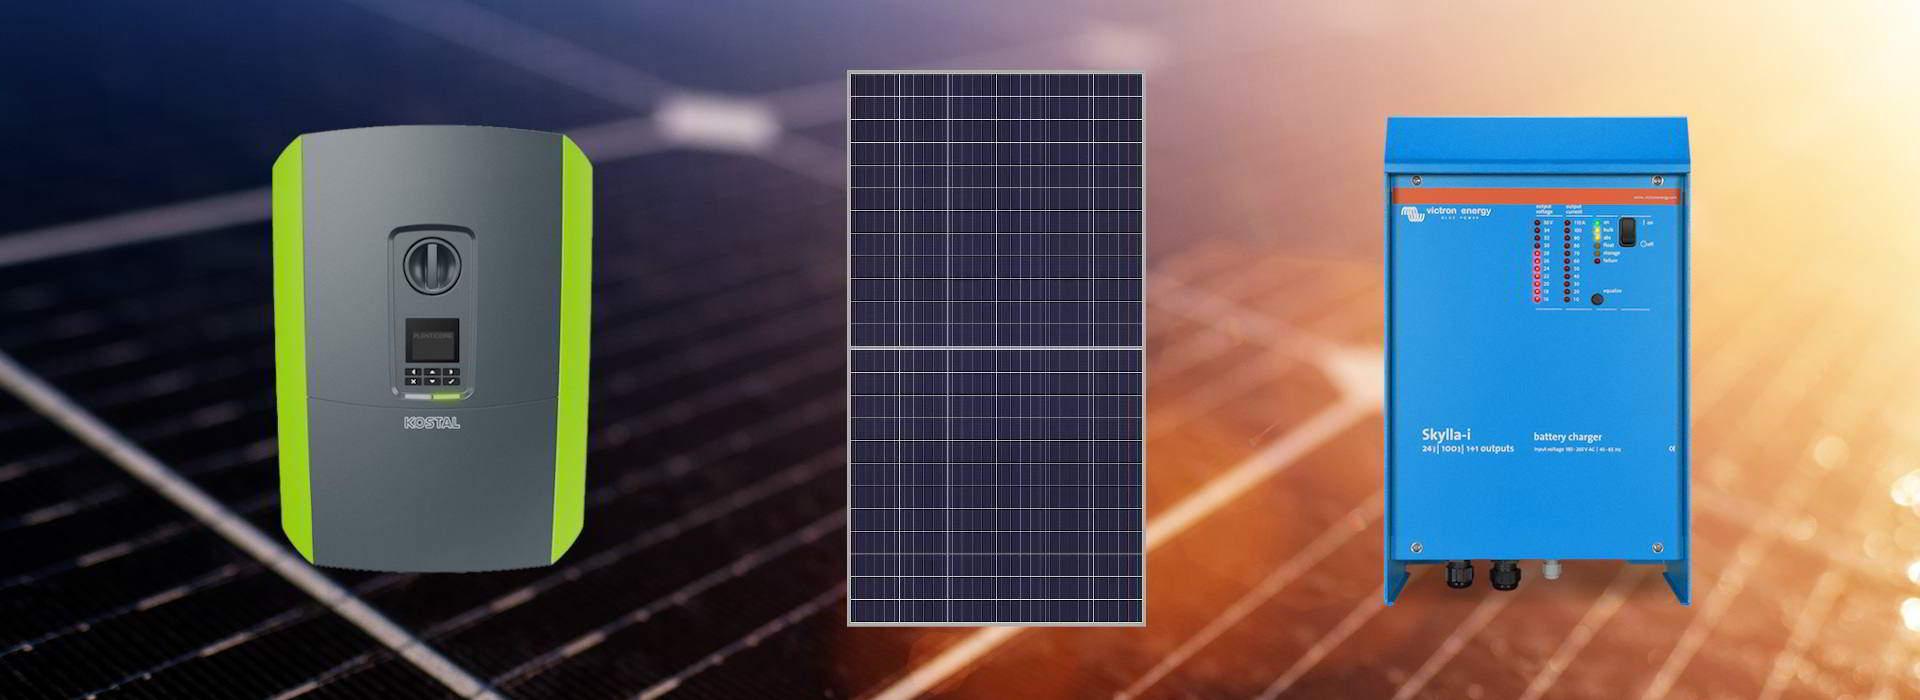 tienda fotovoltaica